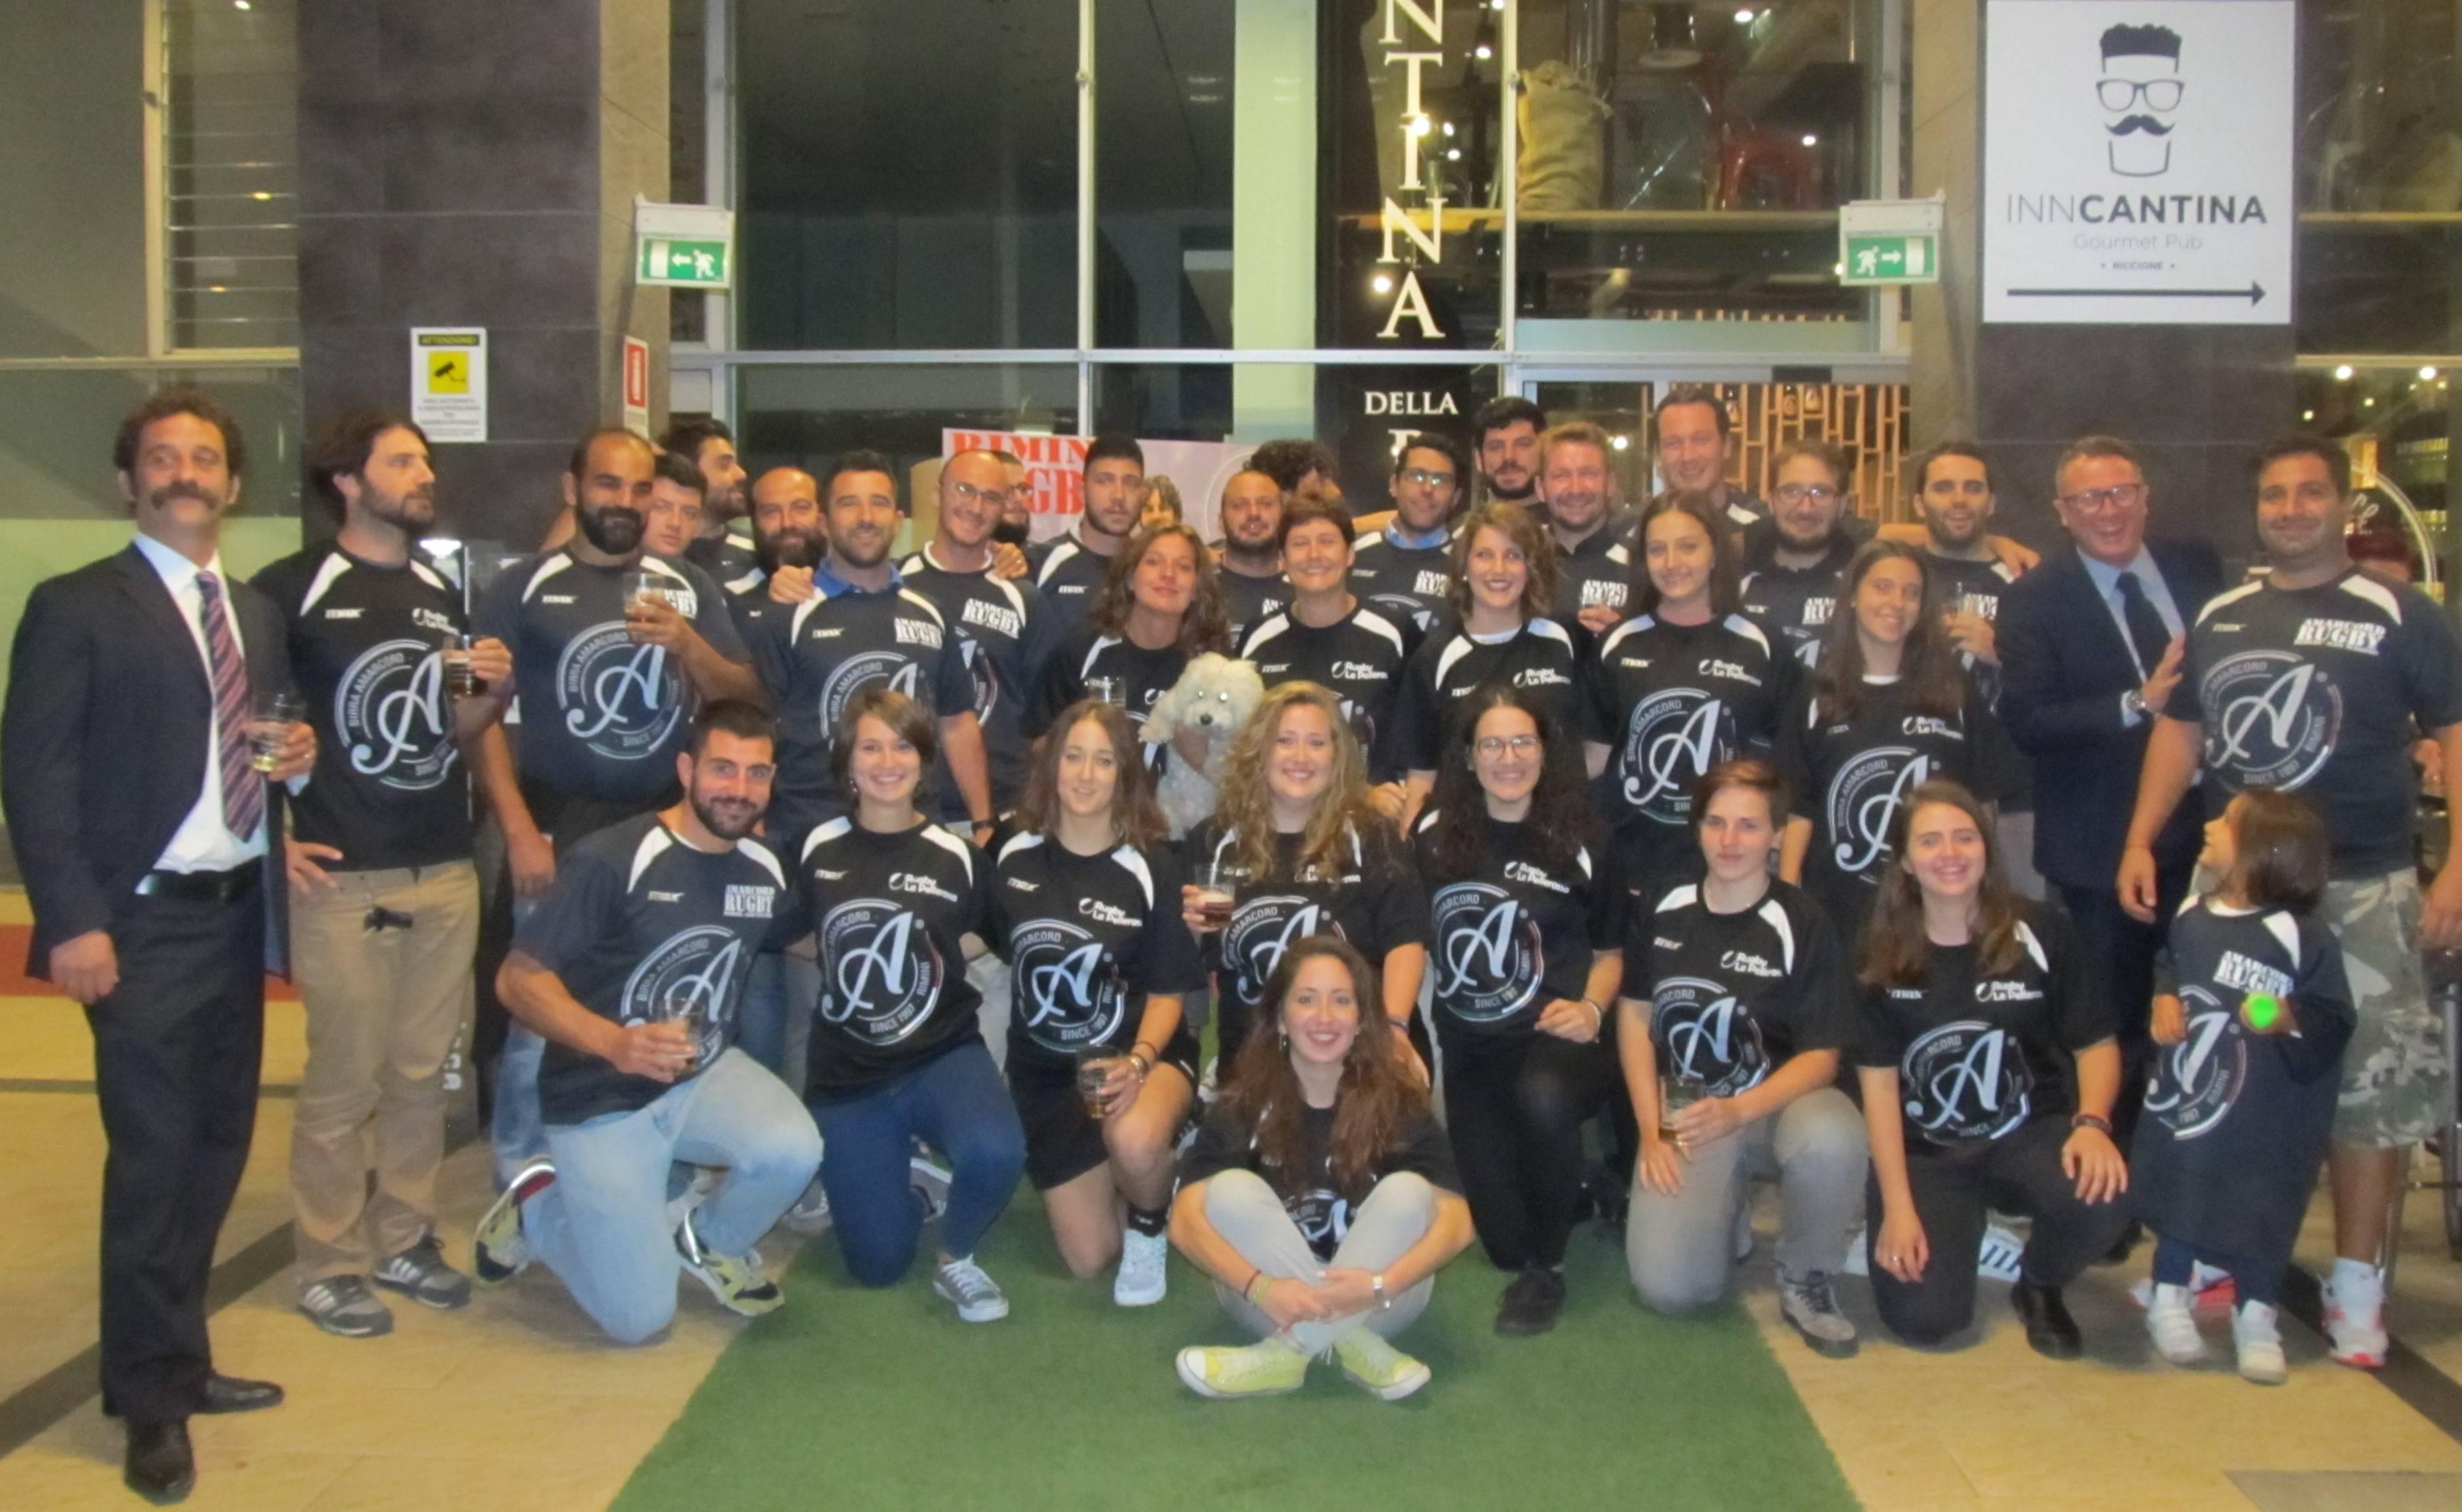 Le Pellerossa e Amarcord Rimini Rugby San Marino hanno presentato la stagione 2016-2017